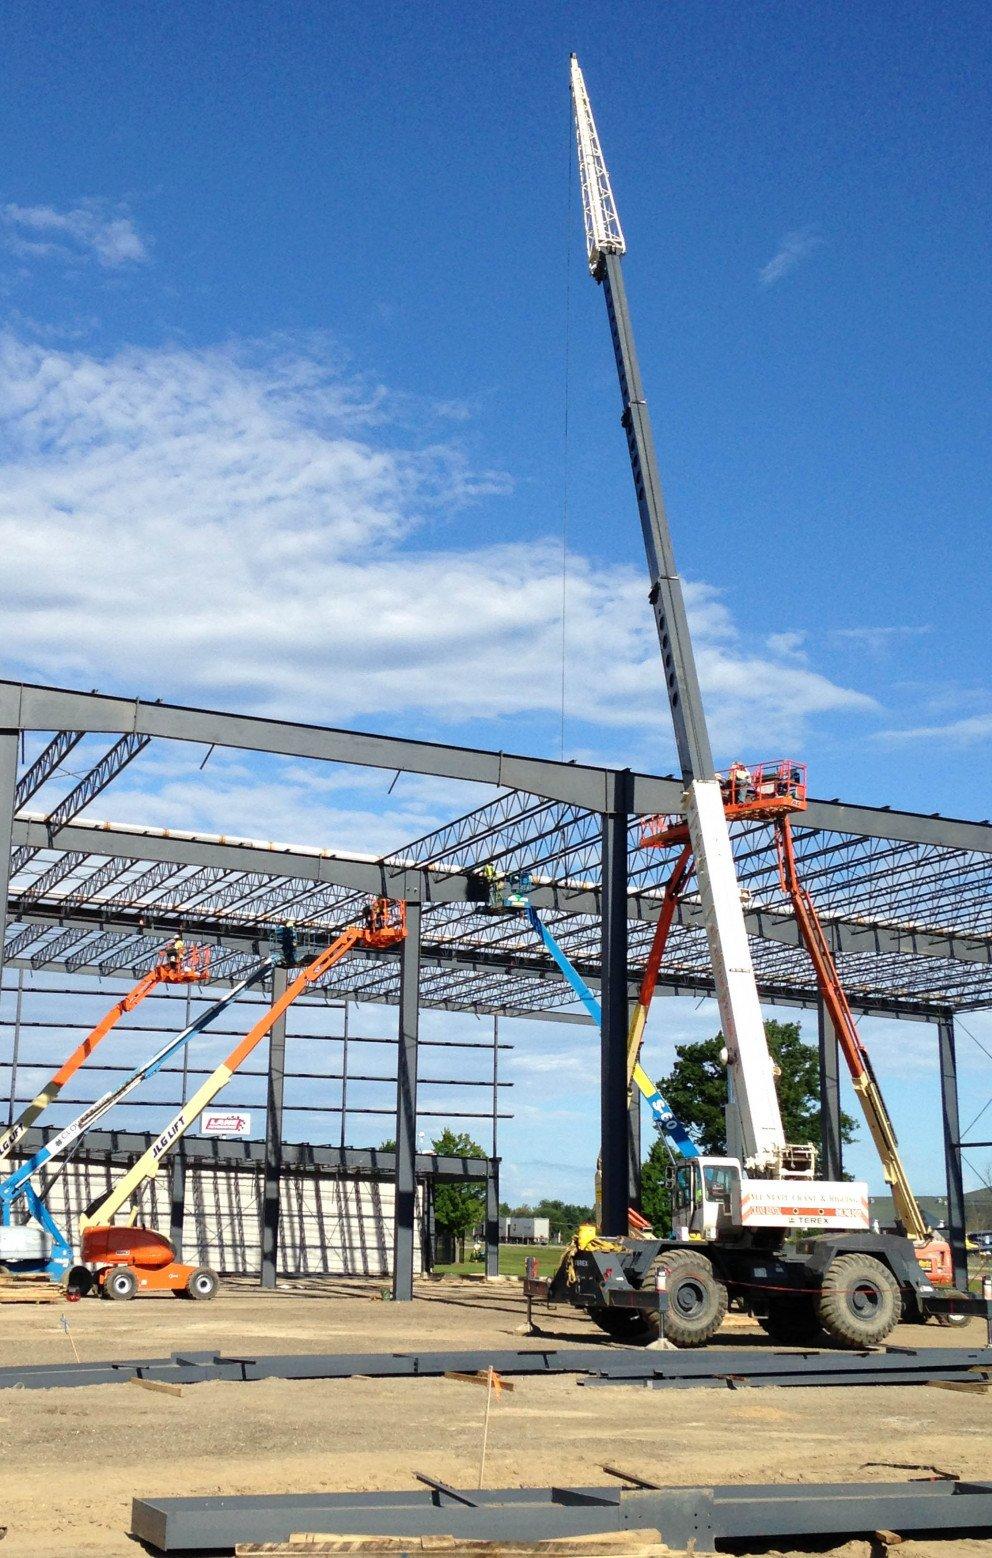 Lane Automotive construction crane